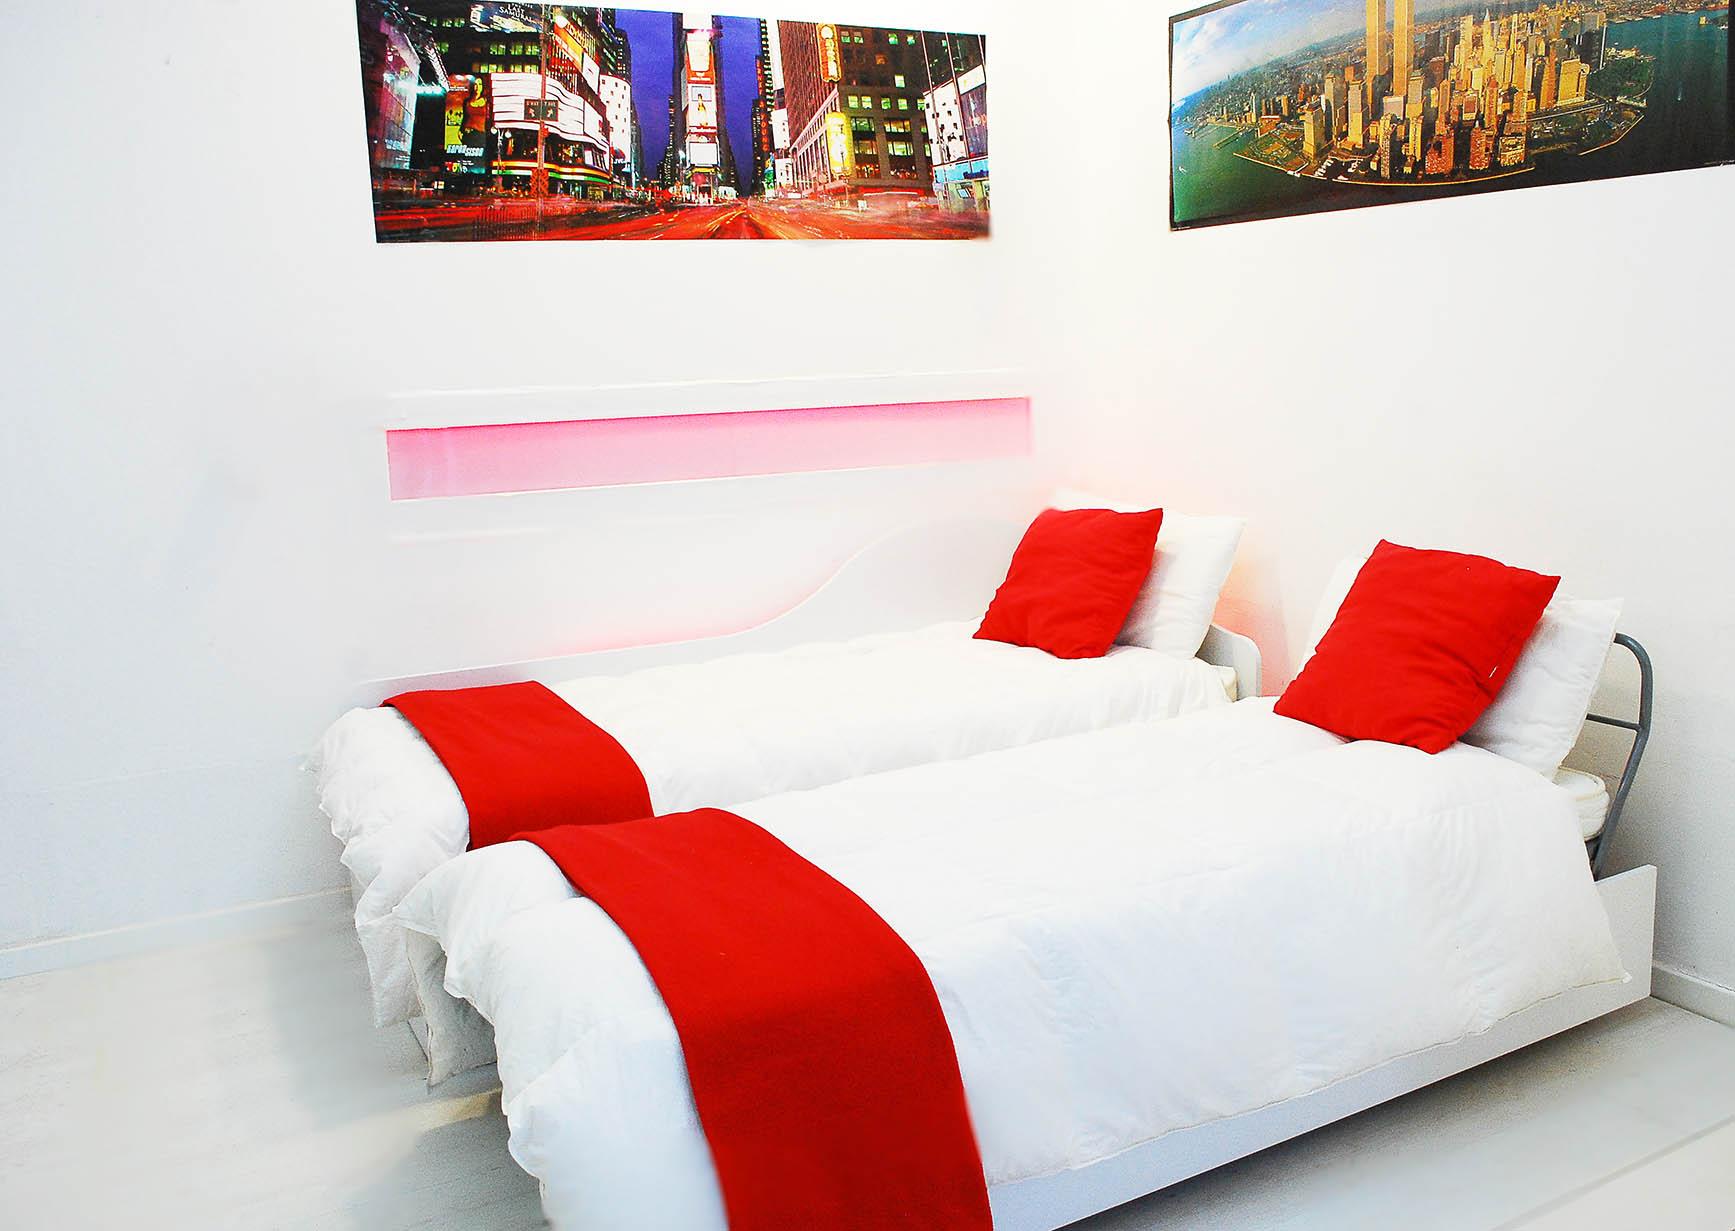 Divano letto estraibile matrimoniale dormeuse bed - Divano letto con due letti singoli ...